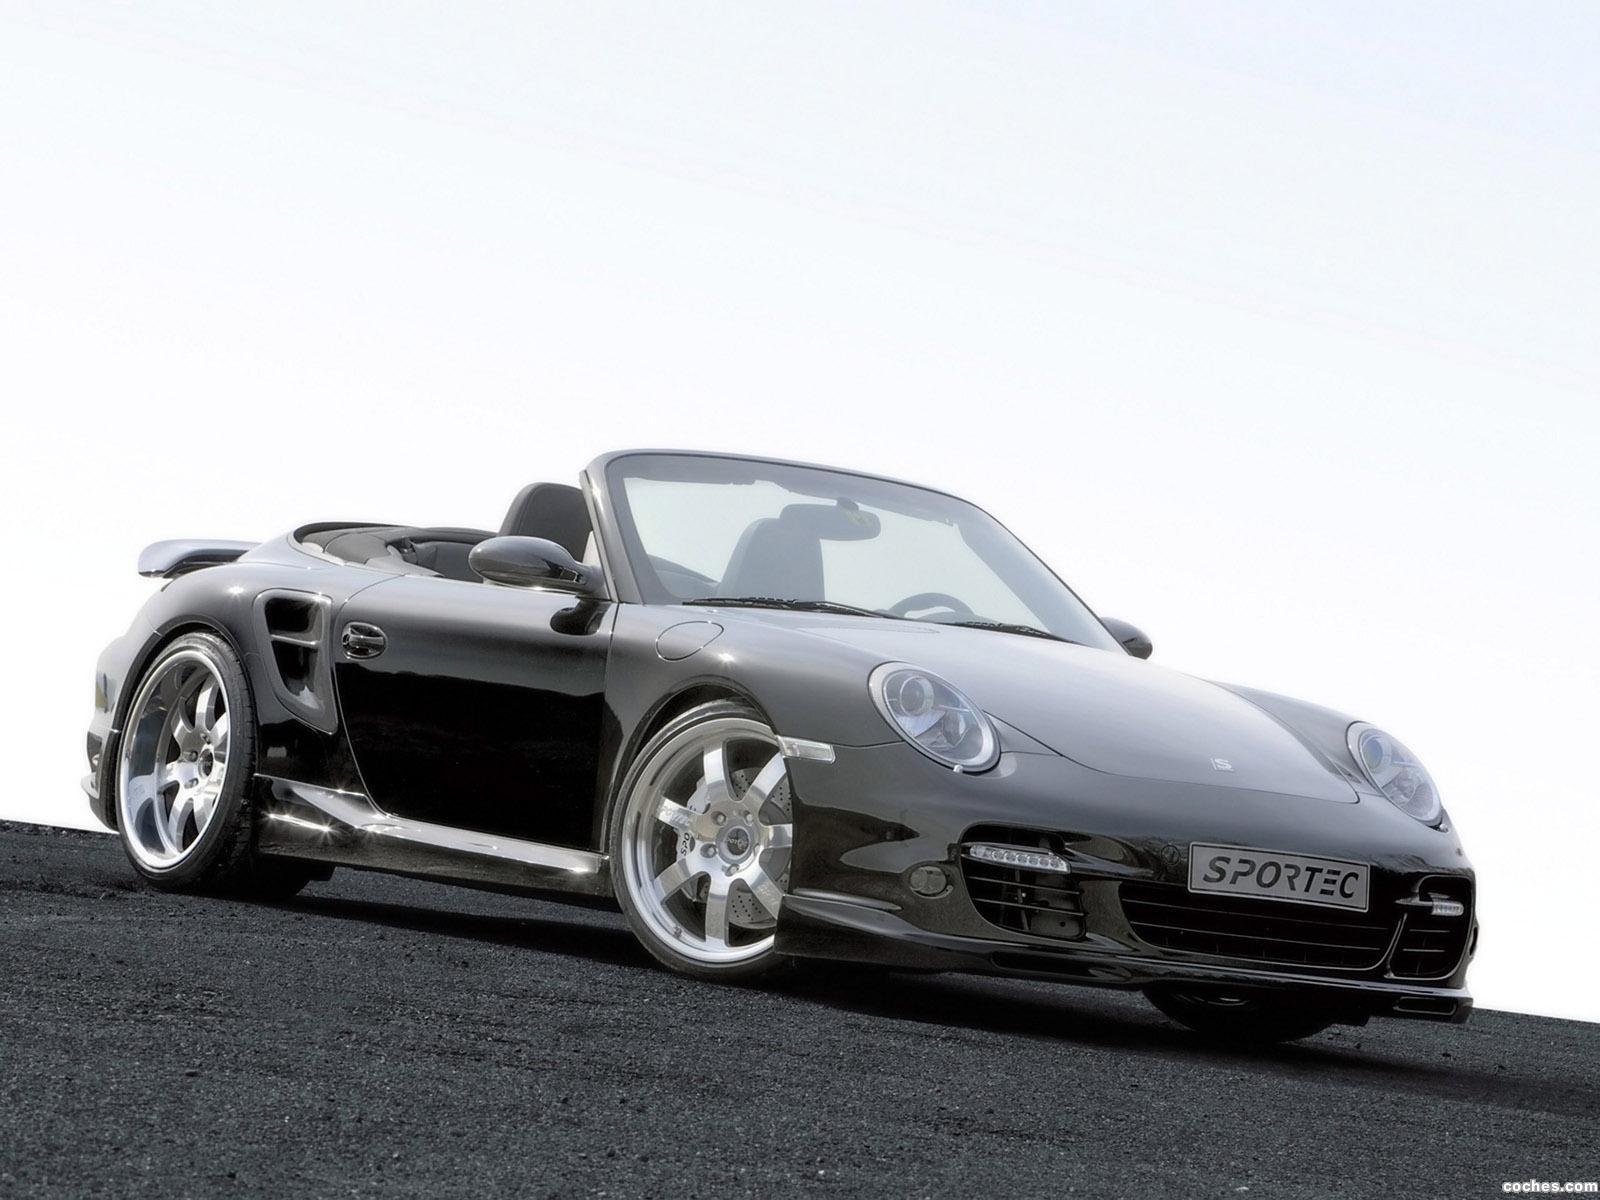 Foto 0 de Porsche Sportec 911 Cabrio SP600 2008